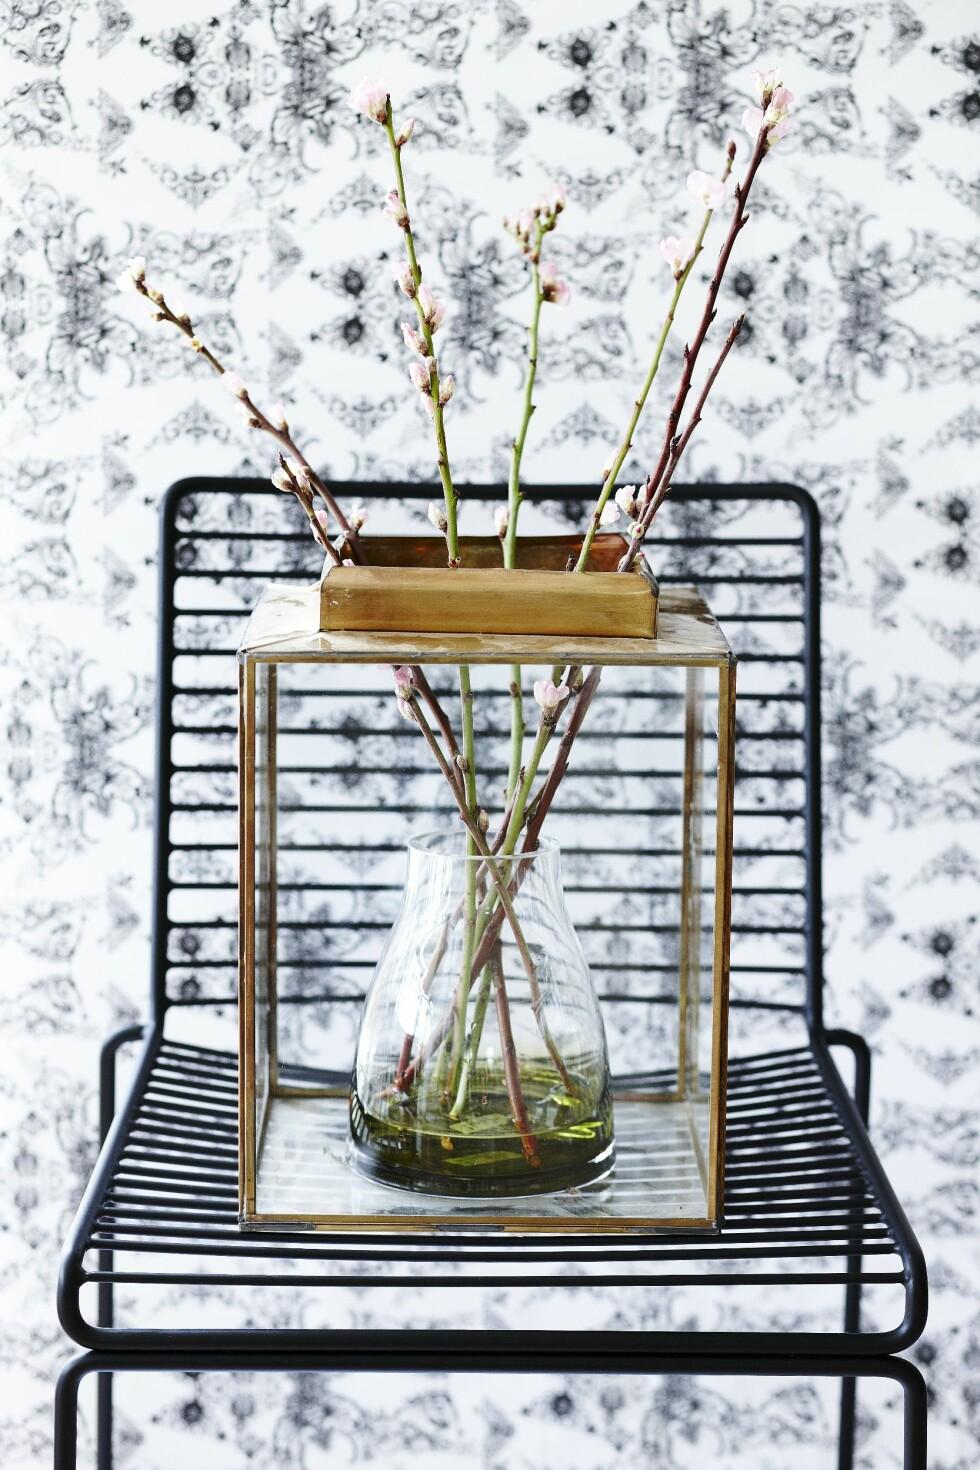 Har du en lykt stående, kan du bruke den til å lage et drivhus.  Foto: Mette Wotkjær